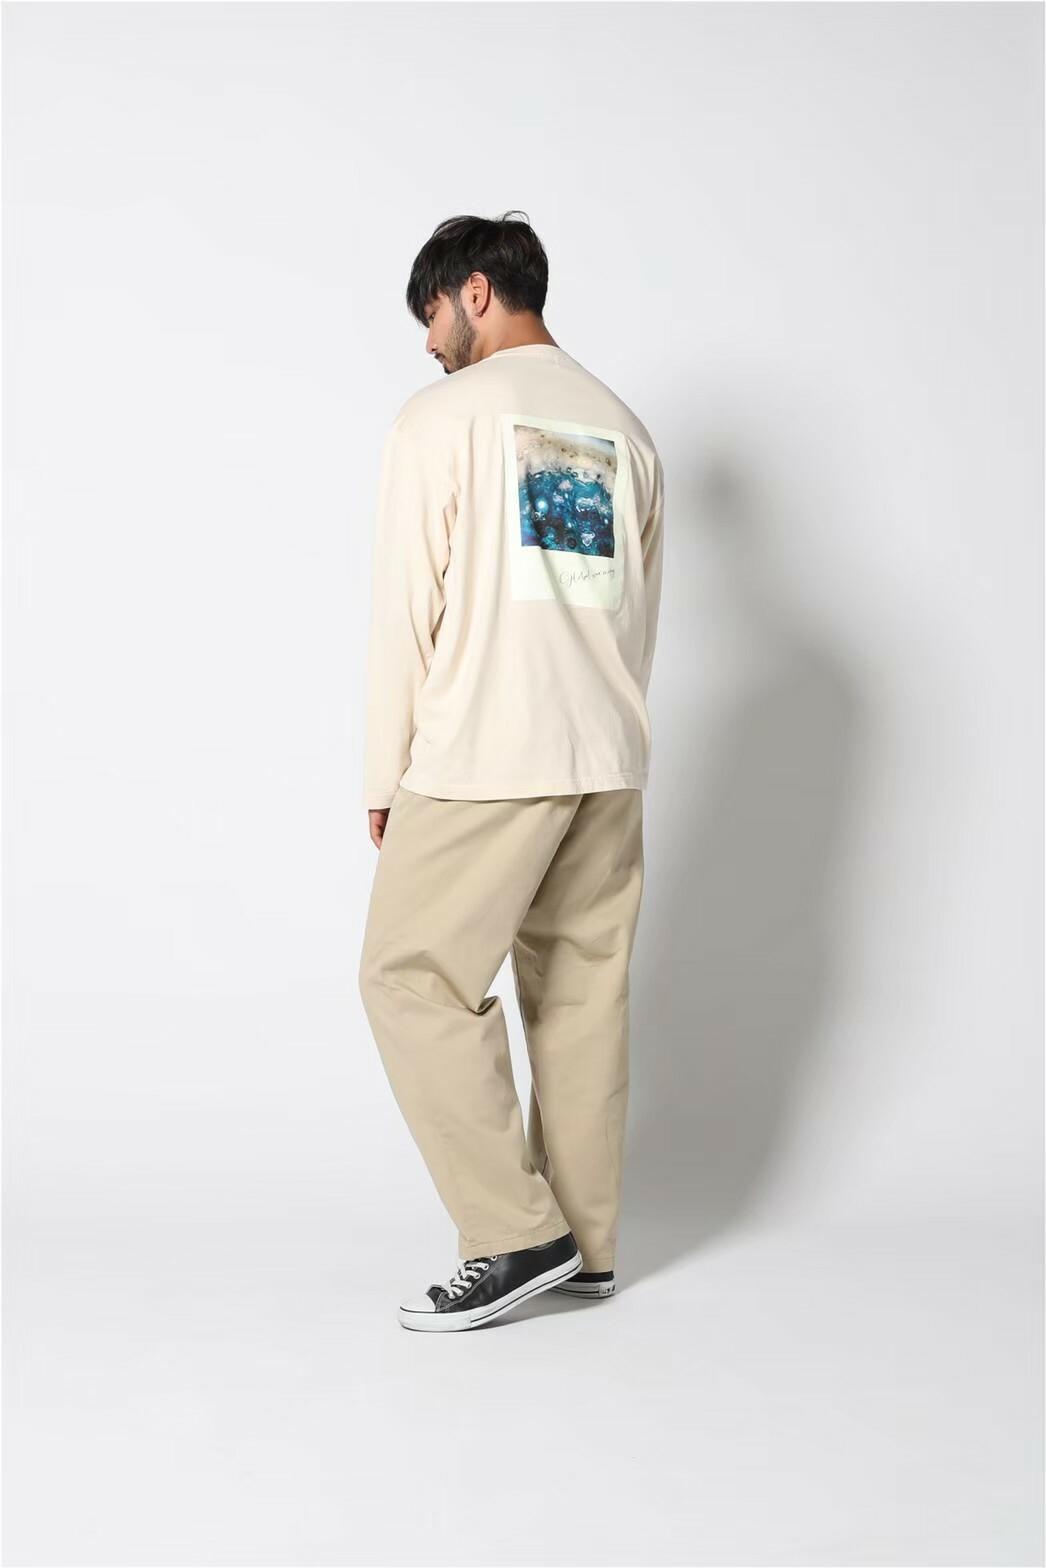 edit clothing  Graphic backprint L/S(グラフィックバックプリントL/S/エクリュ)